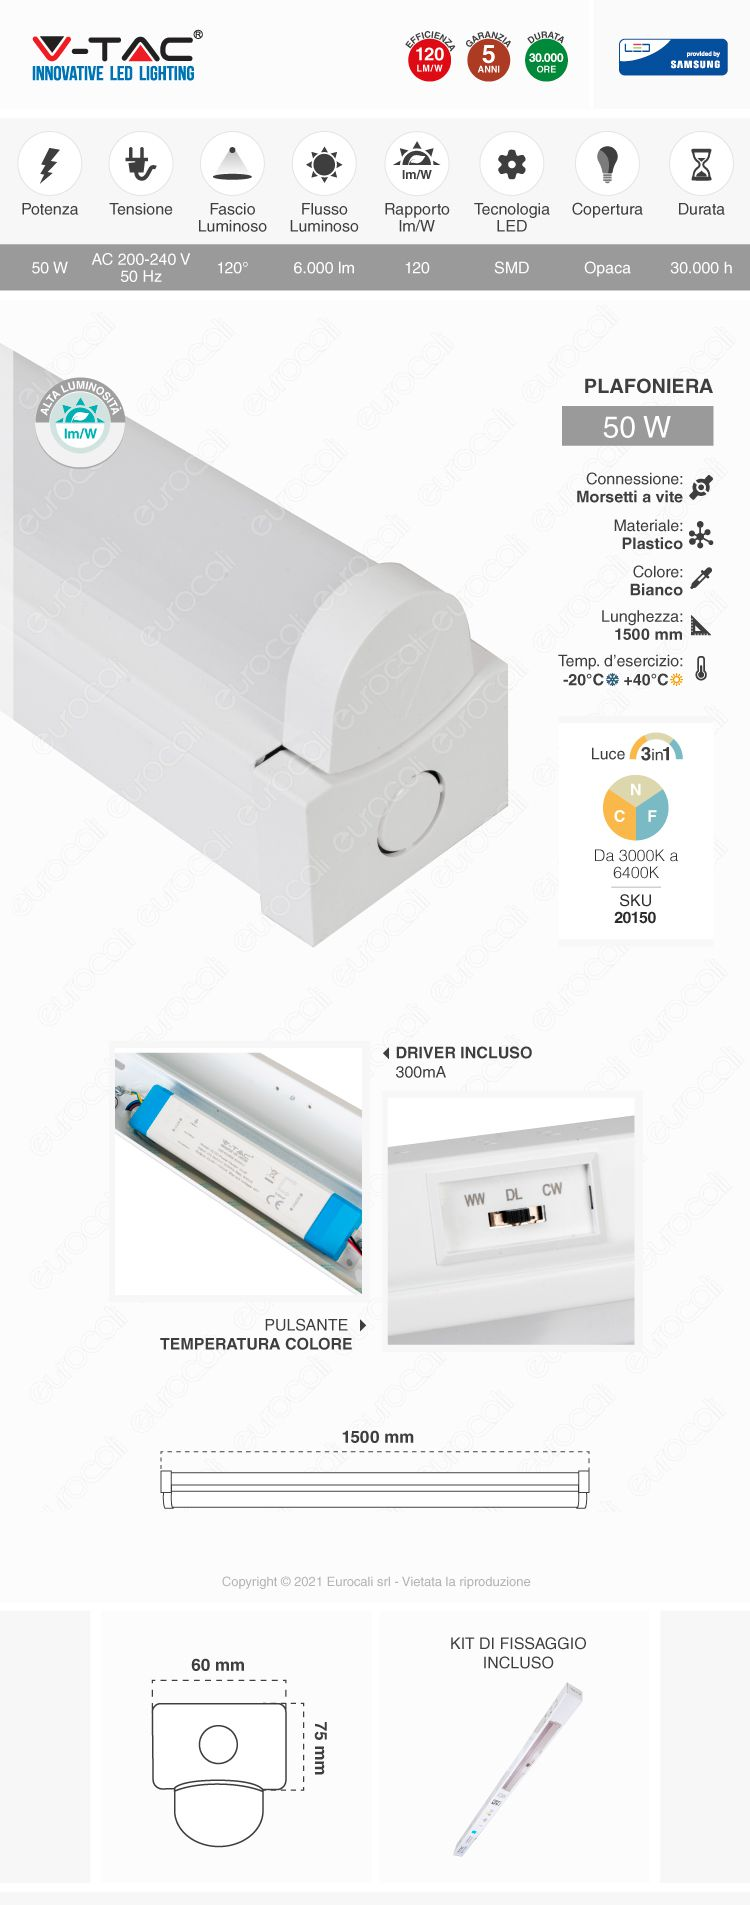 lampada industriale 3in1 vt-8-55 LED batten fitting